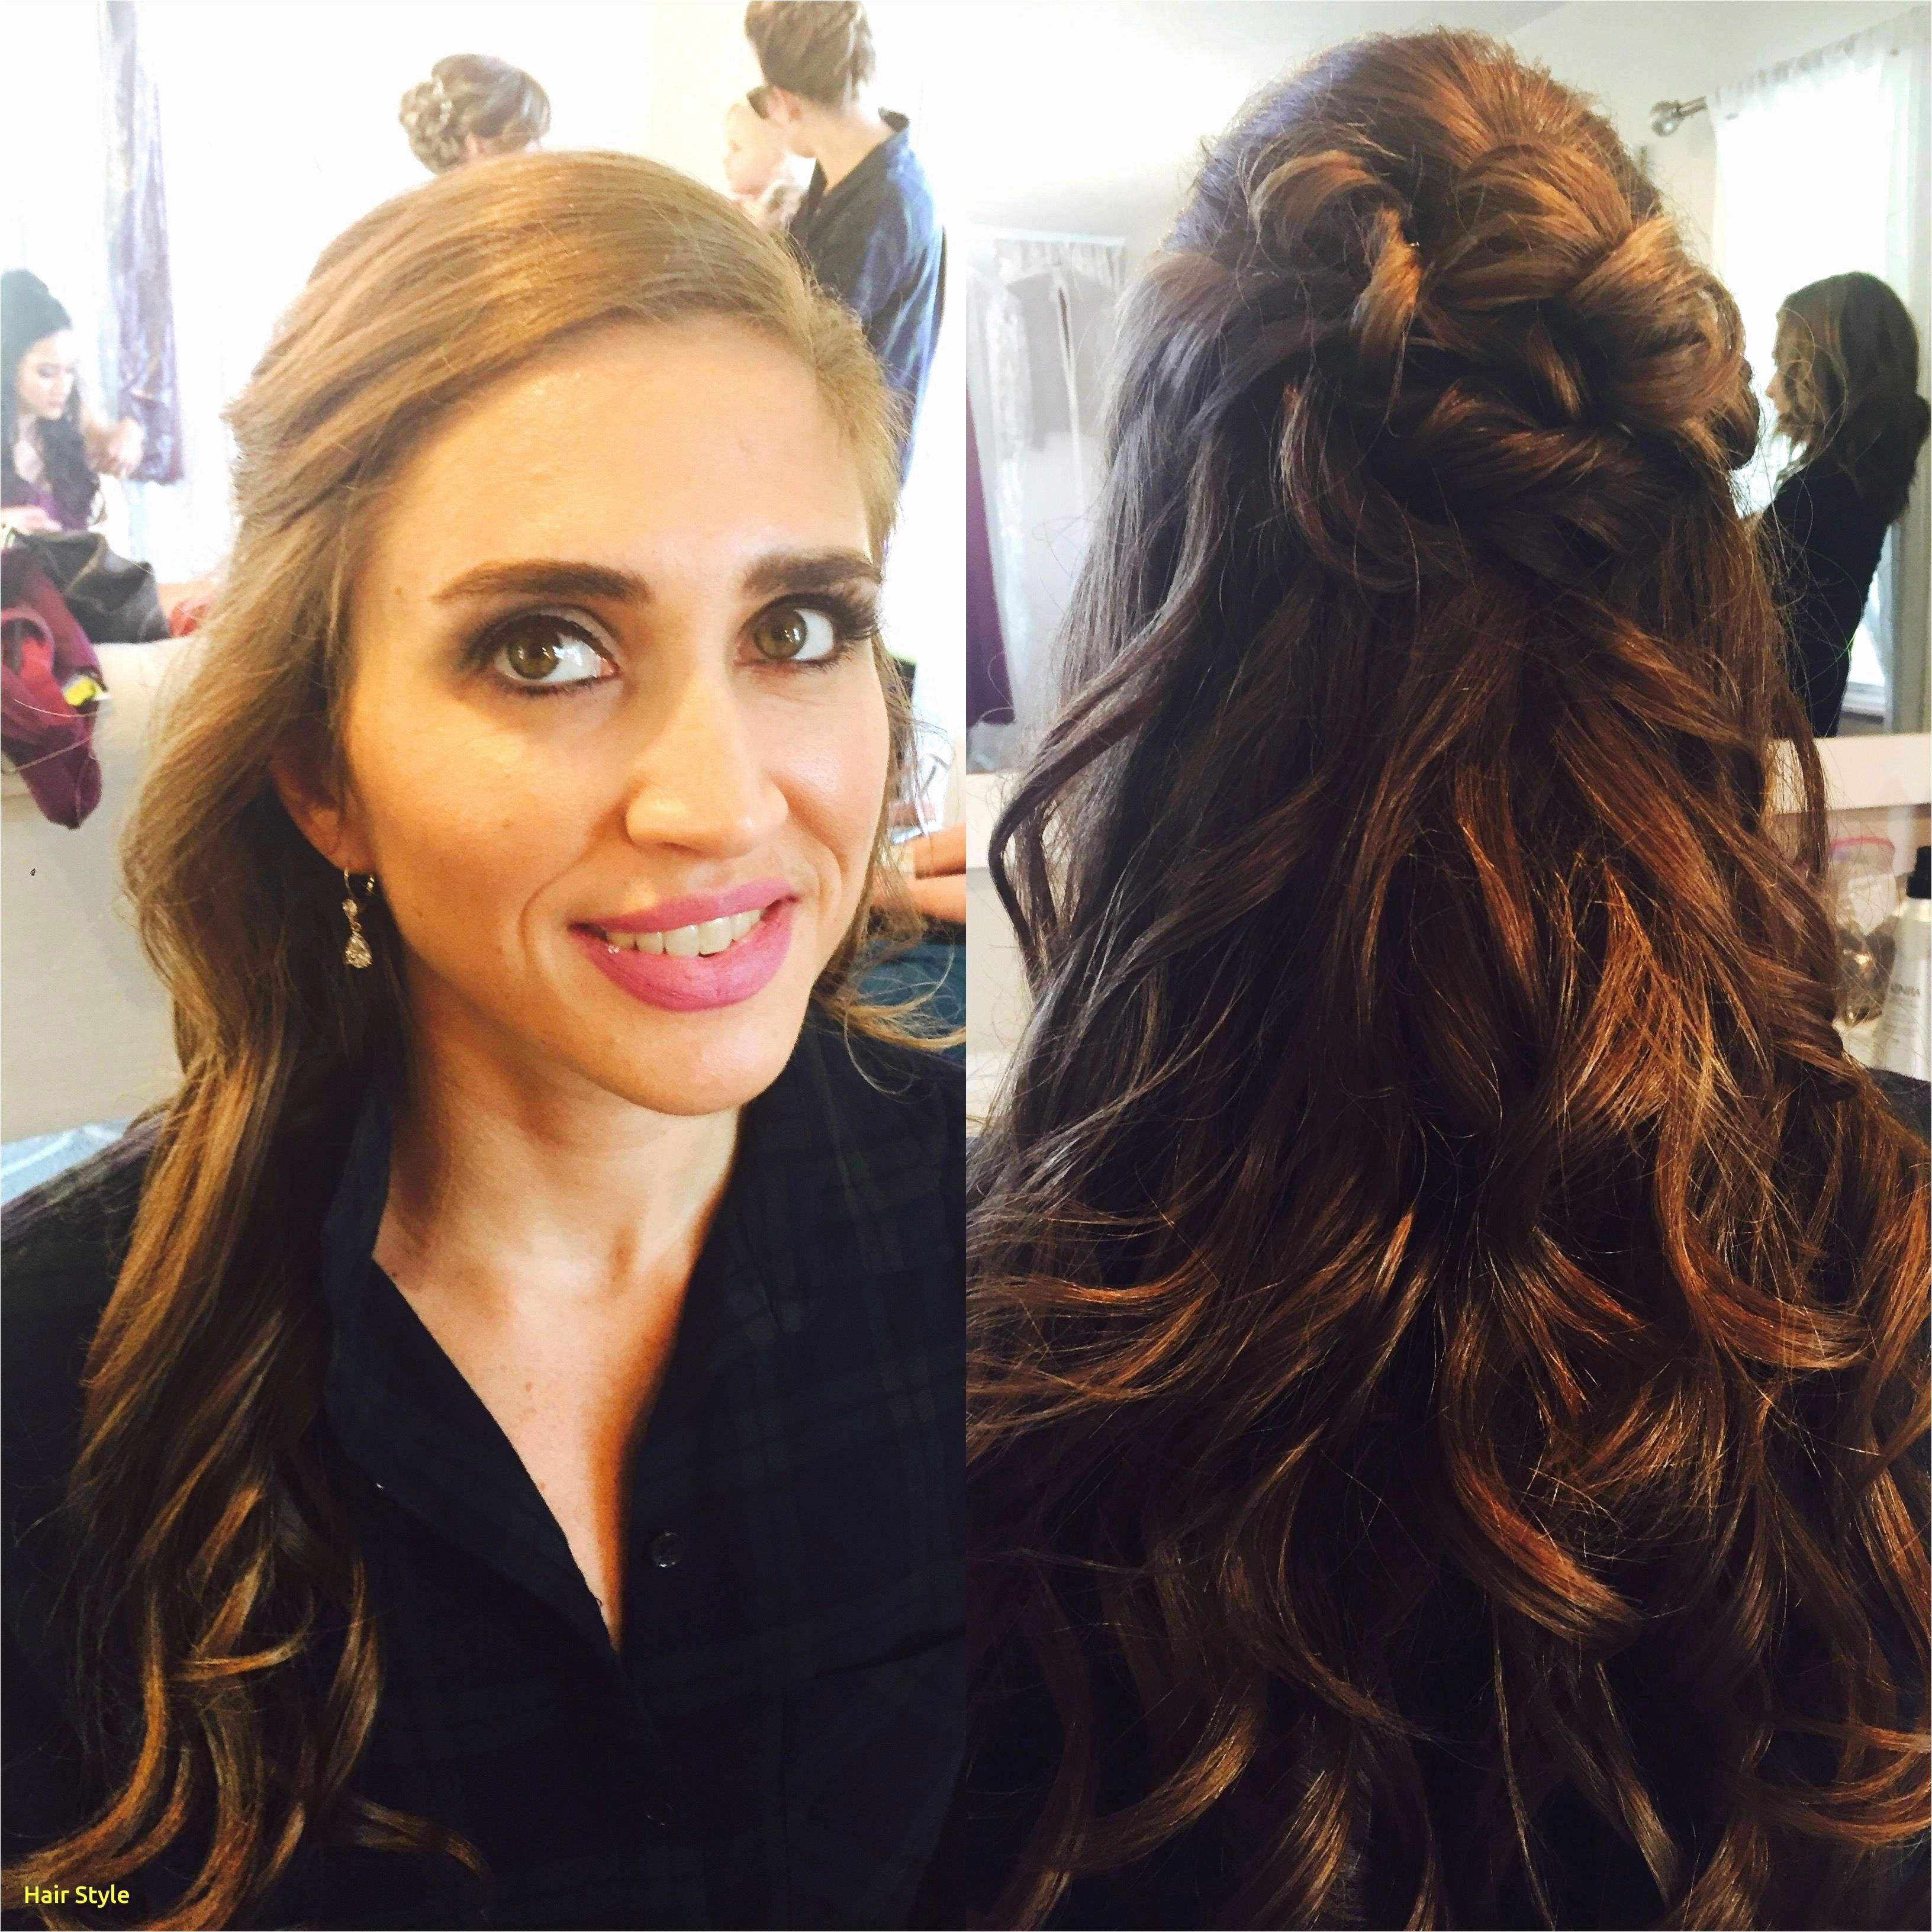 Frisuren Offene Haare  Frisuren fene Haare Locken – Fene Frisuren Hochzeit